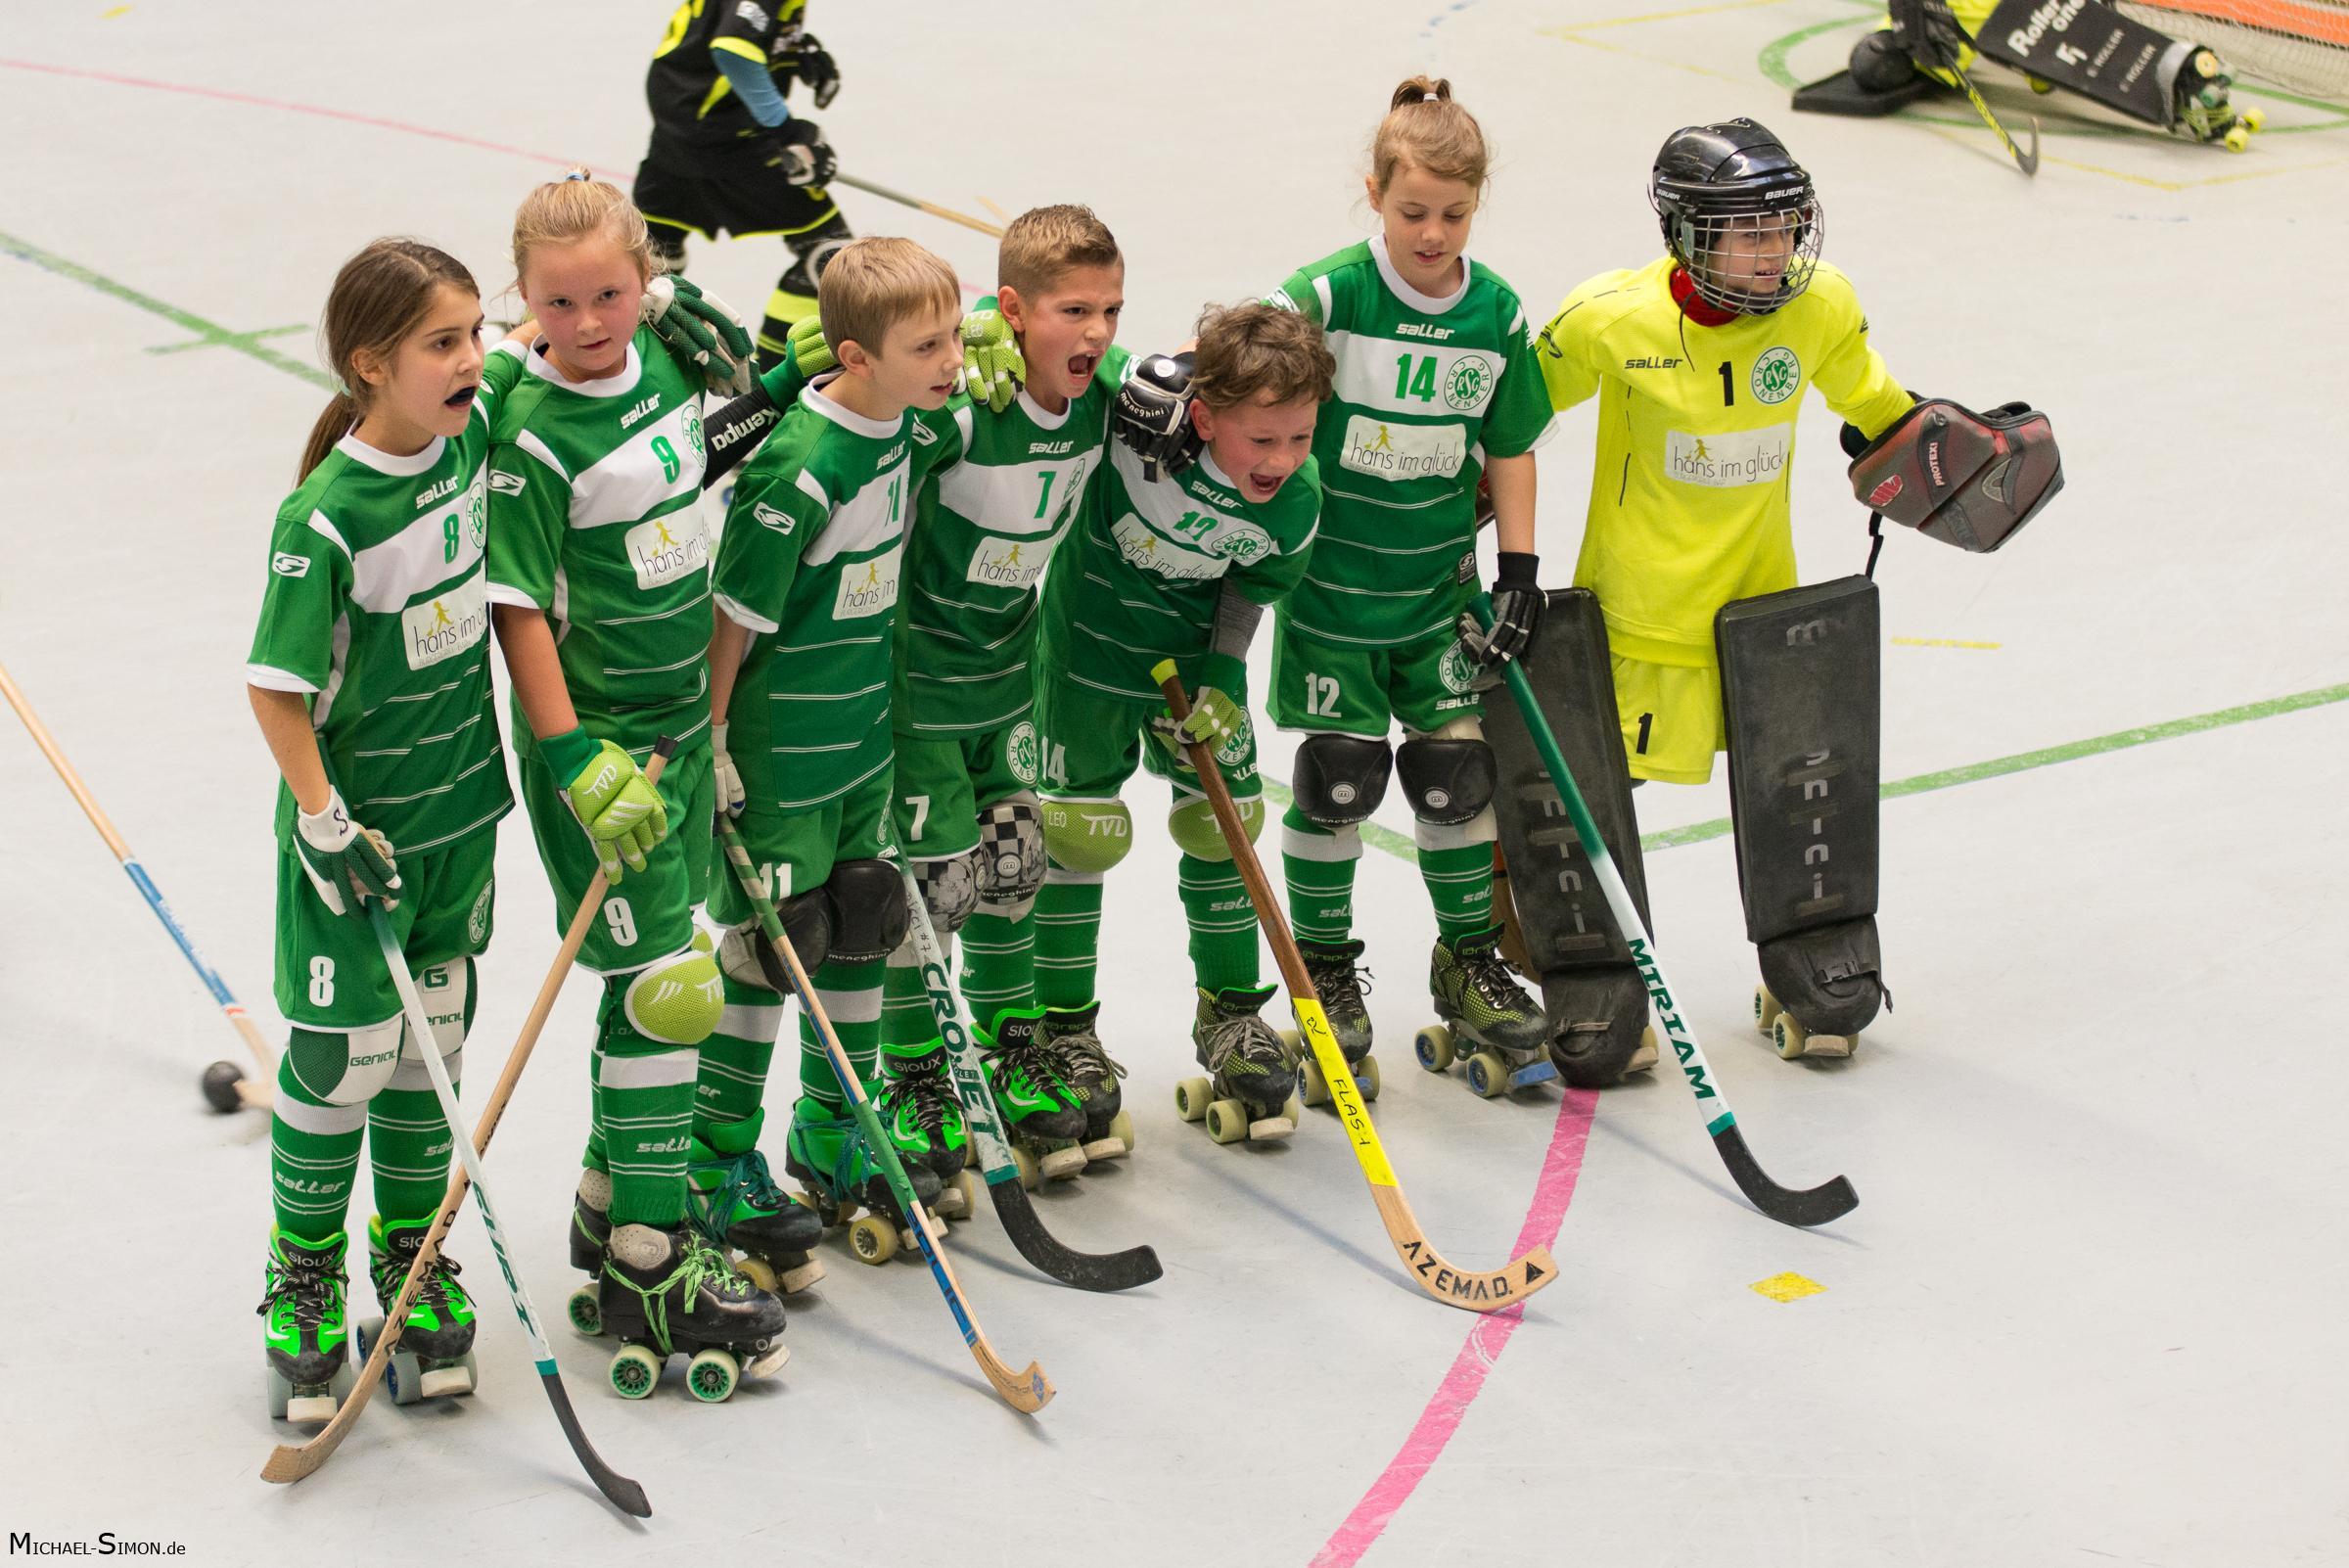 RSC Cronenberg Rollhockey Spieltag U11 03.12.2017